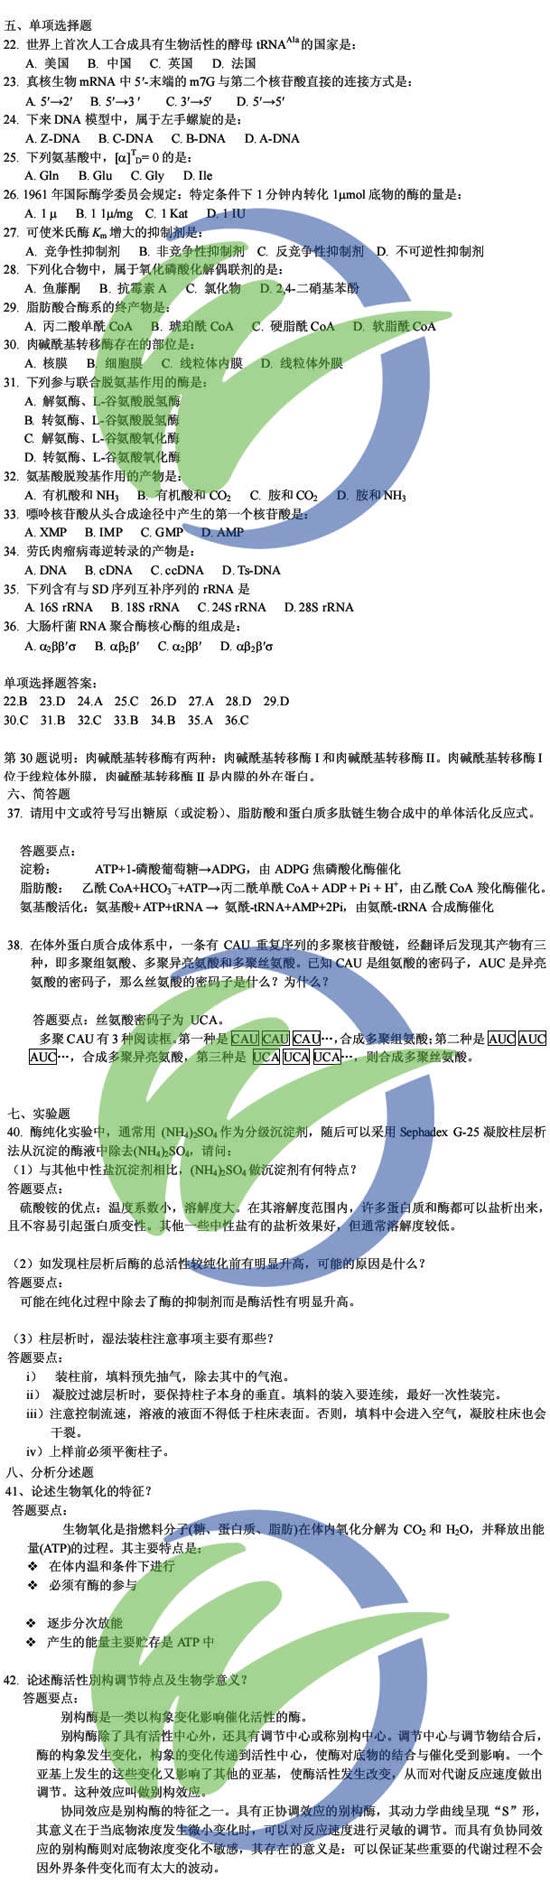 2009年考研农学类生物化学真题答案